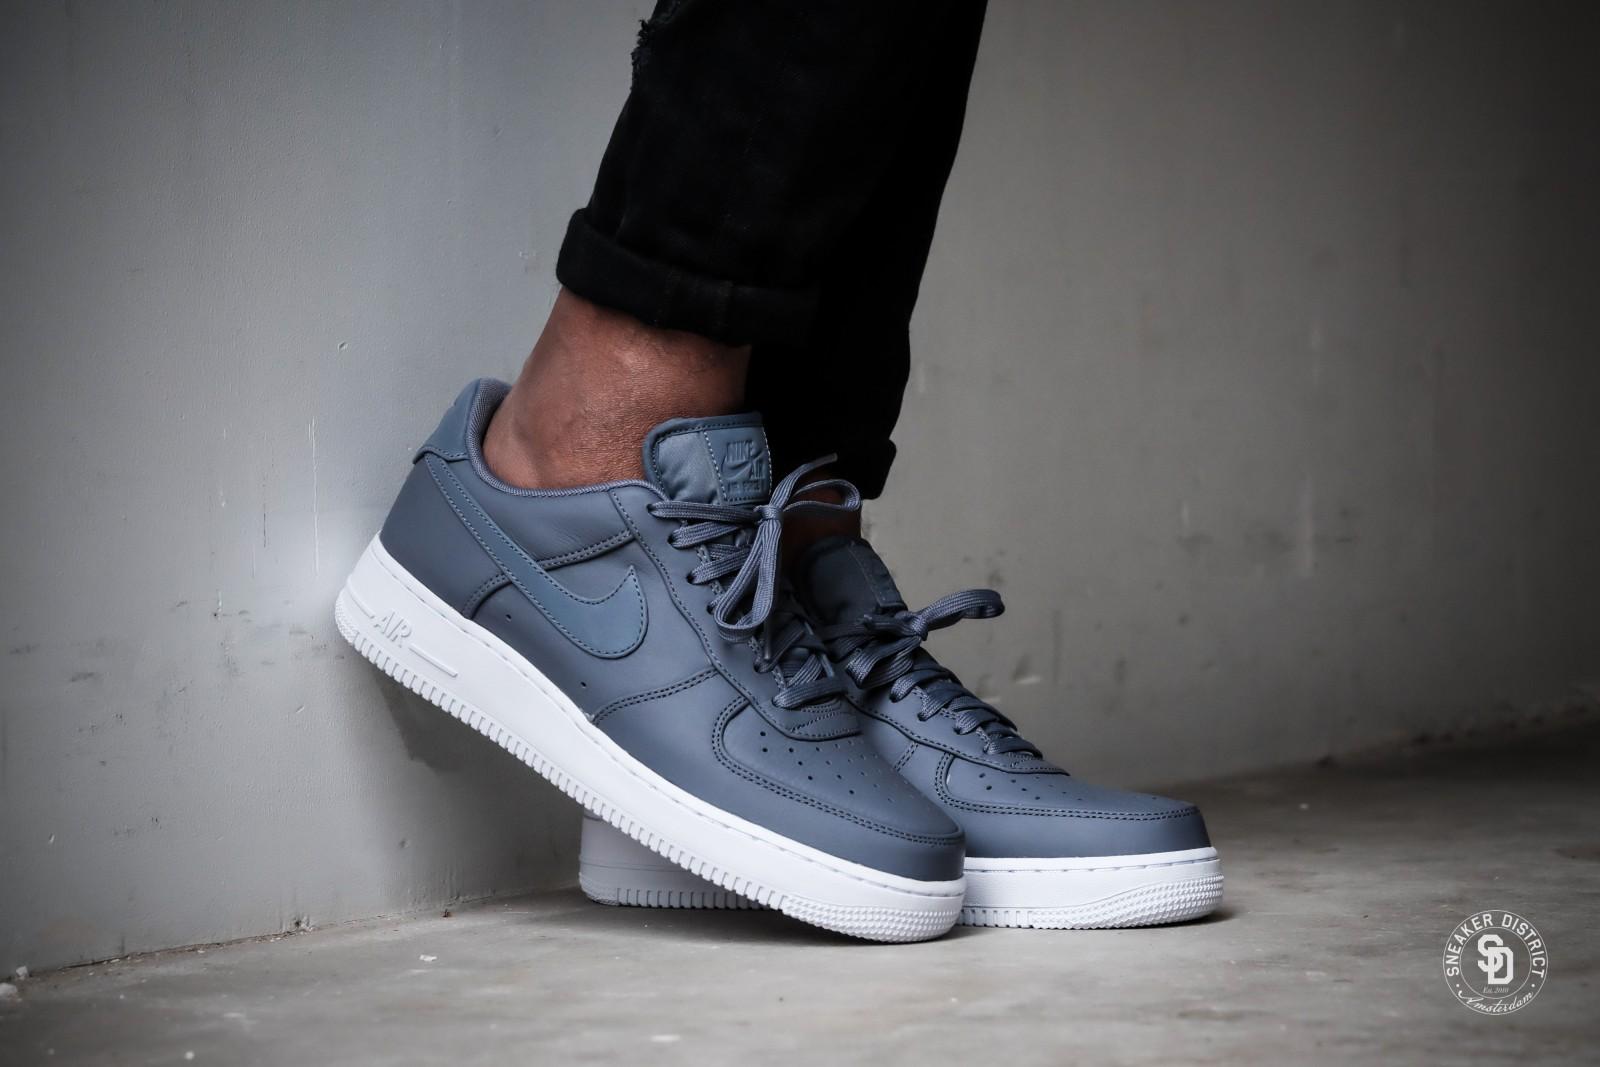 Force Air Light Carbon Carbon Light Air Nike Nike 3A5qjL4R